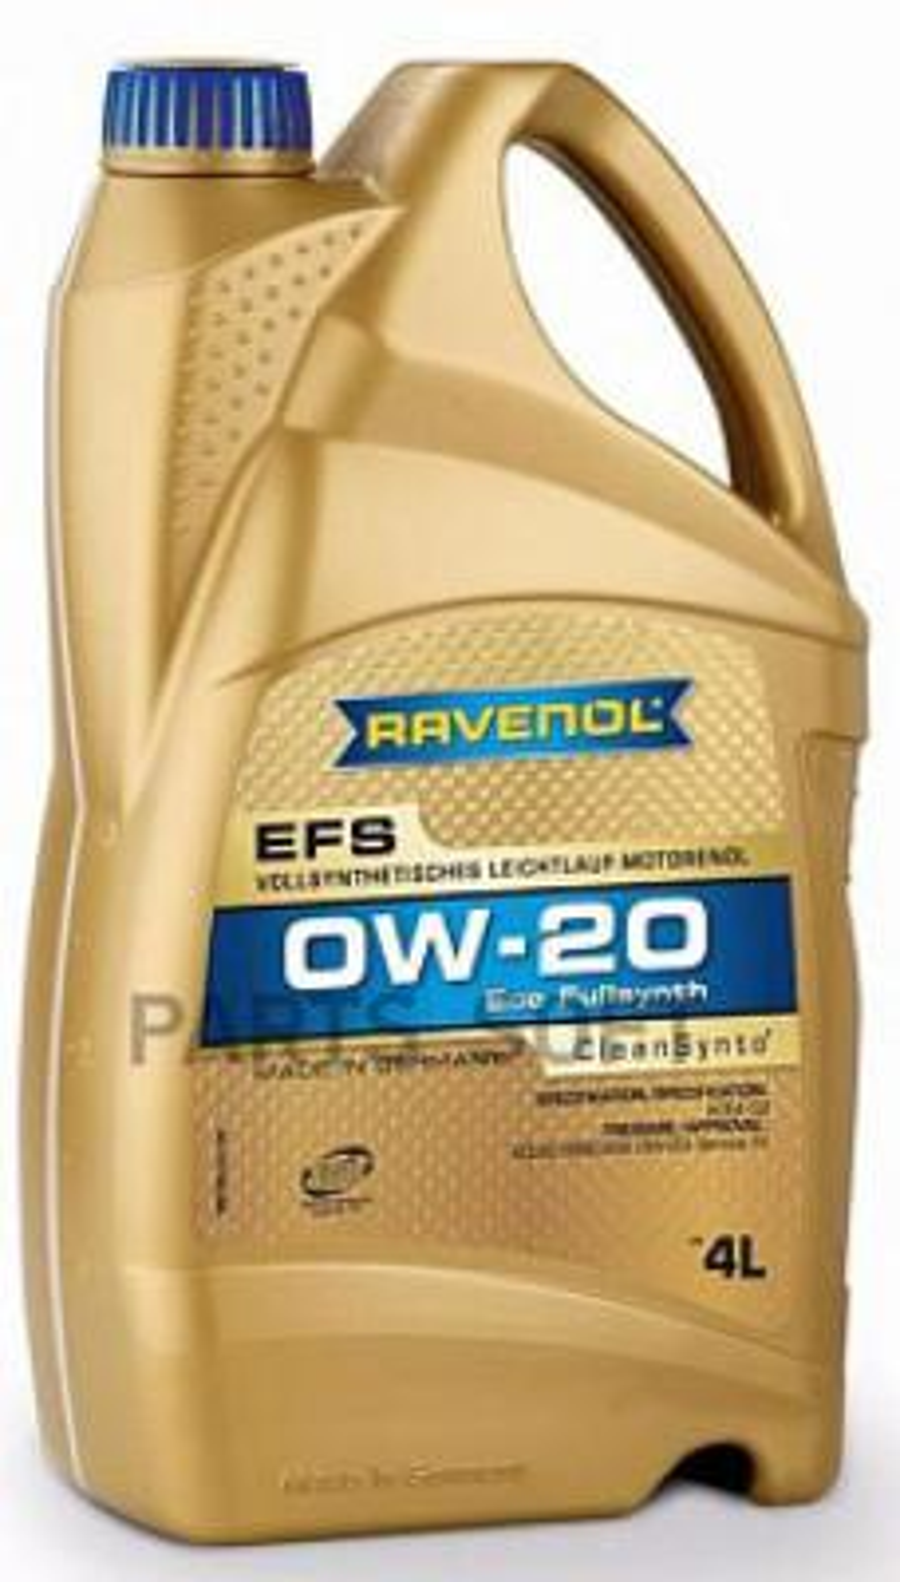 Полностью cинтетическое легкотекучее моторное масло с запатентованной технологией clean-synto для легковых бензиновых и дизельны